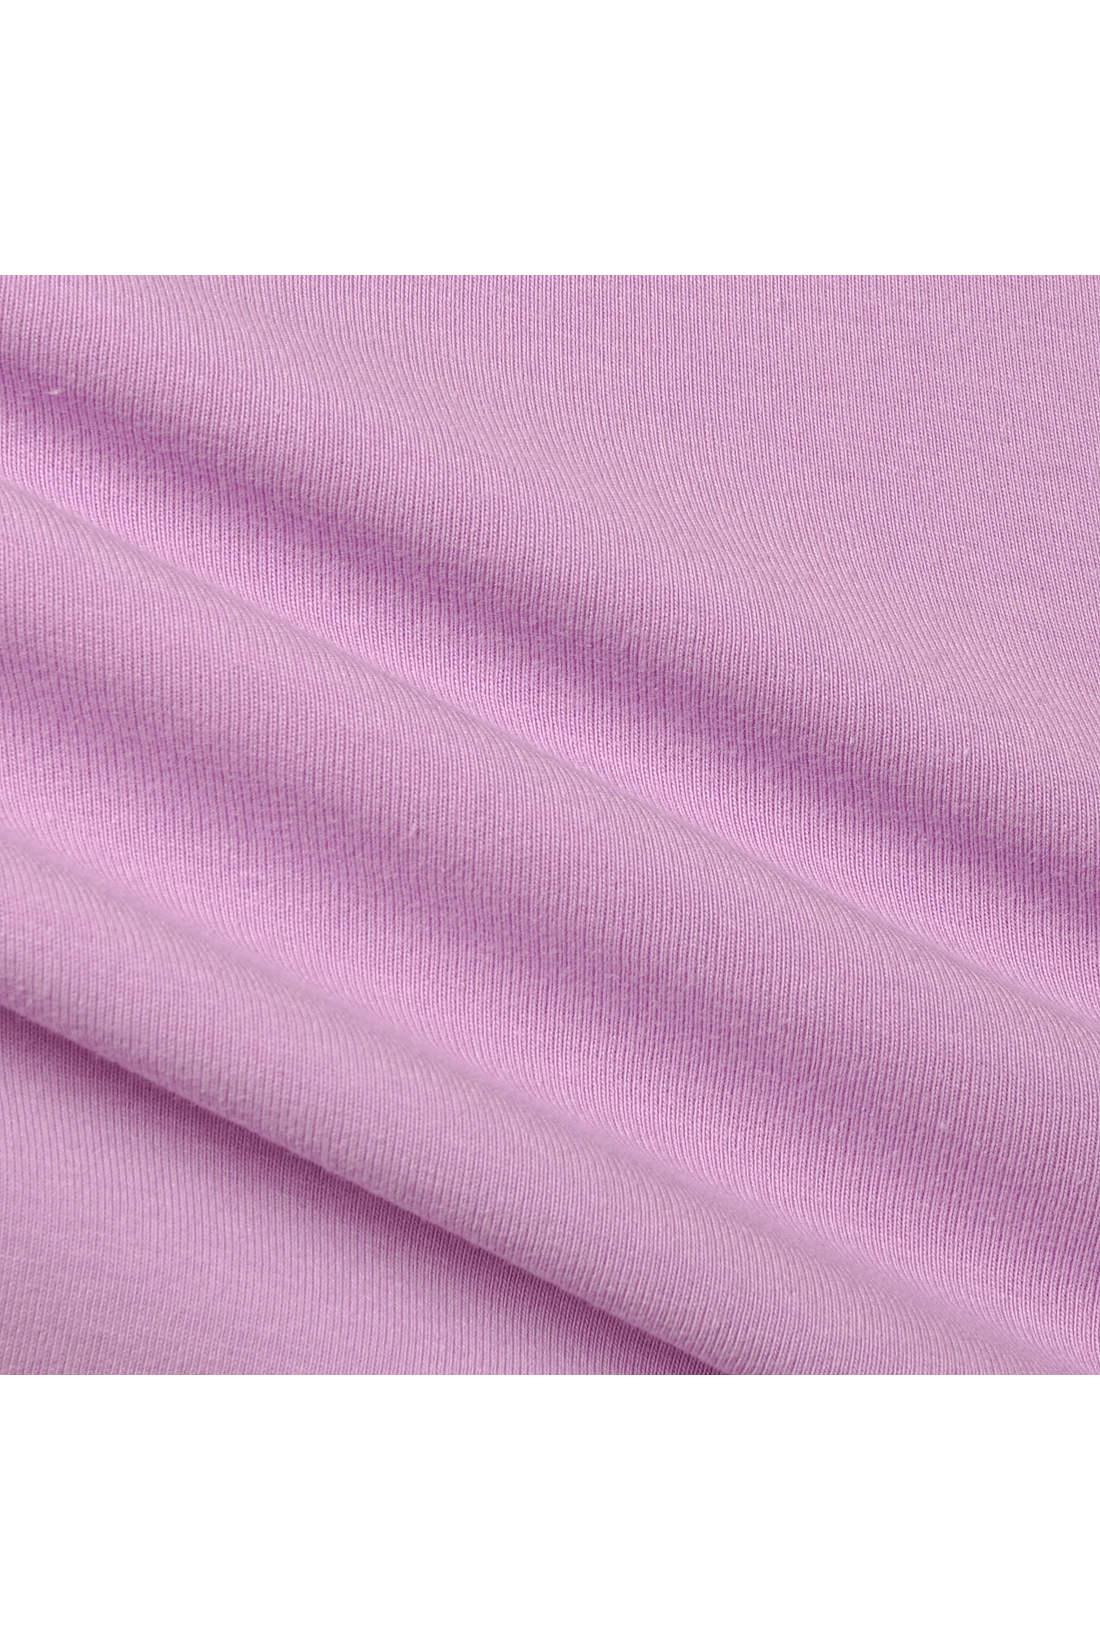 PBPコットンで作ったストレッチ天じく素材を使用。のびやか&なめらかな肌ざわりで大きな動きもらくちん。